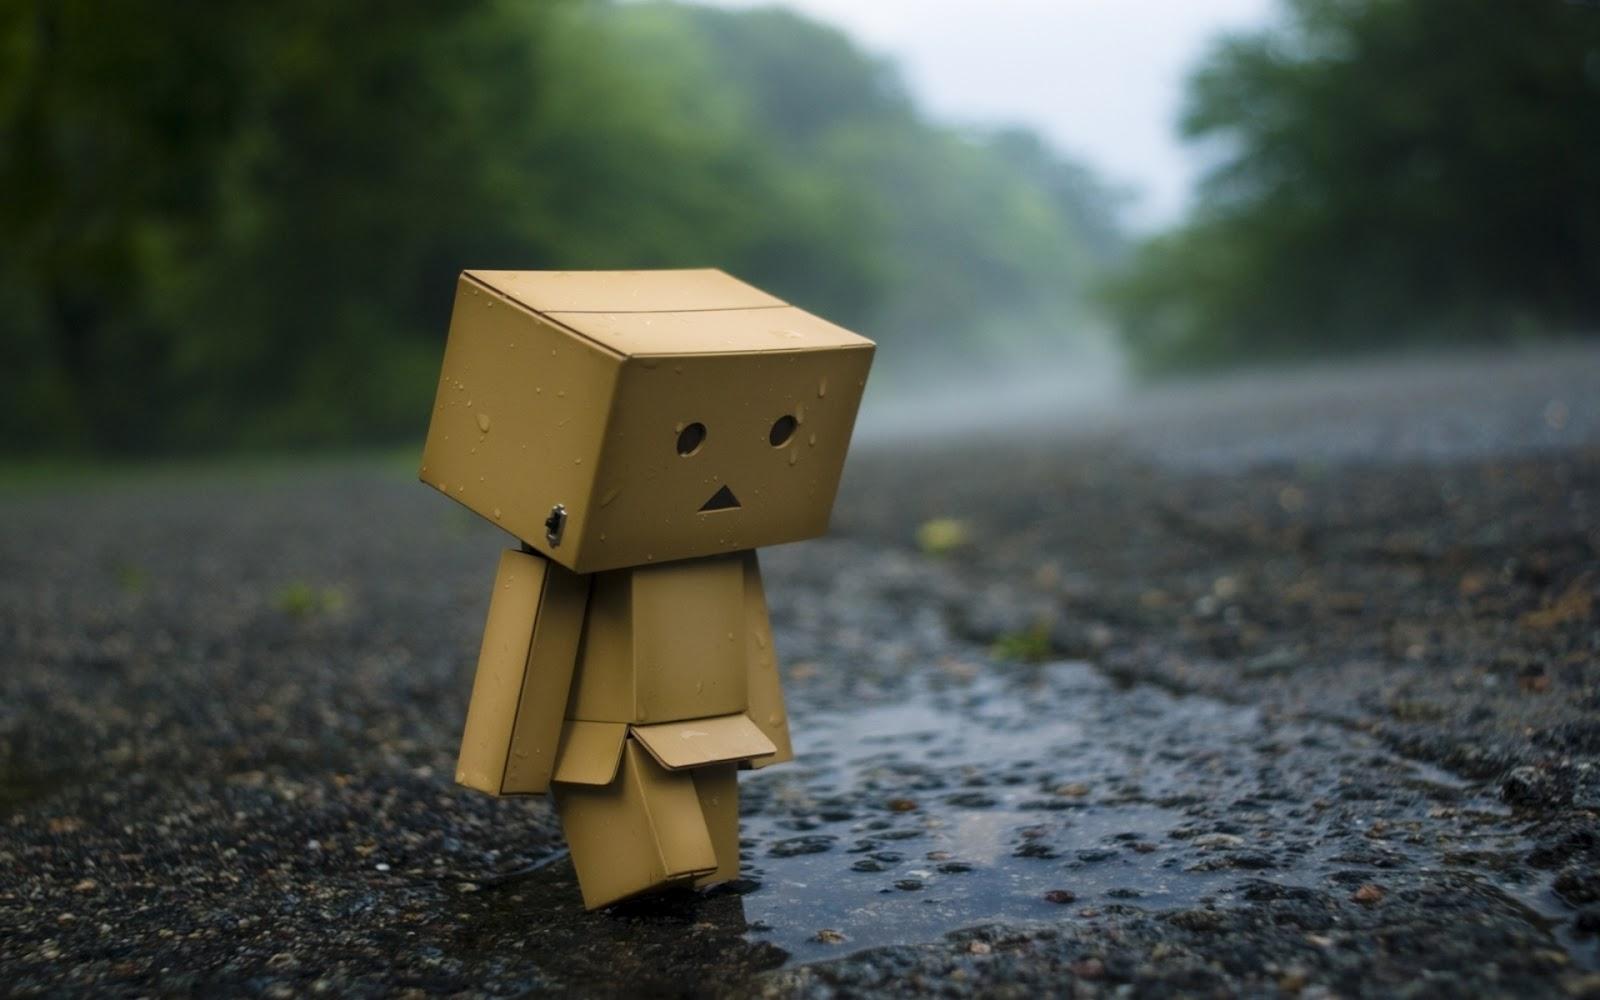 http://2.bp.blogspot.com/-m2vHrenYJV0/UCXeFY0XcUI/AAAAAAAAFZA/RPH_rxtf9kc/s1600/sad+love+quotes+missyou%251+(10).jpg